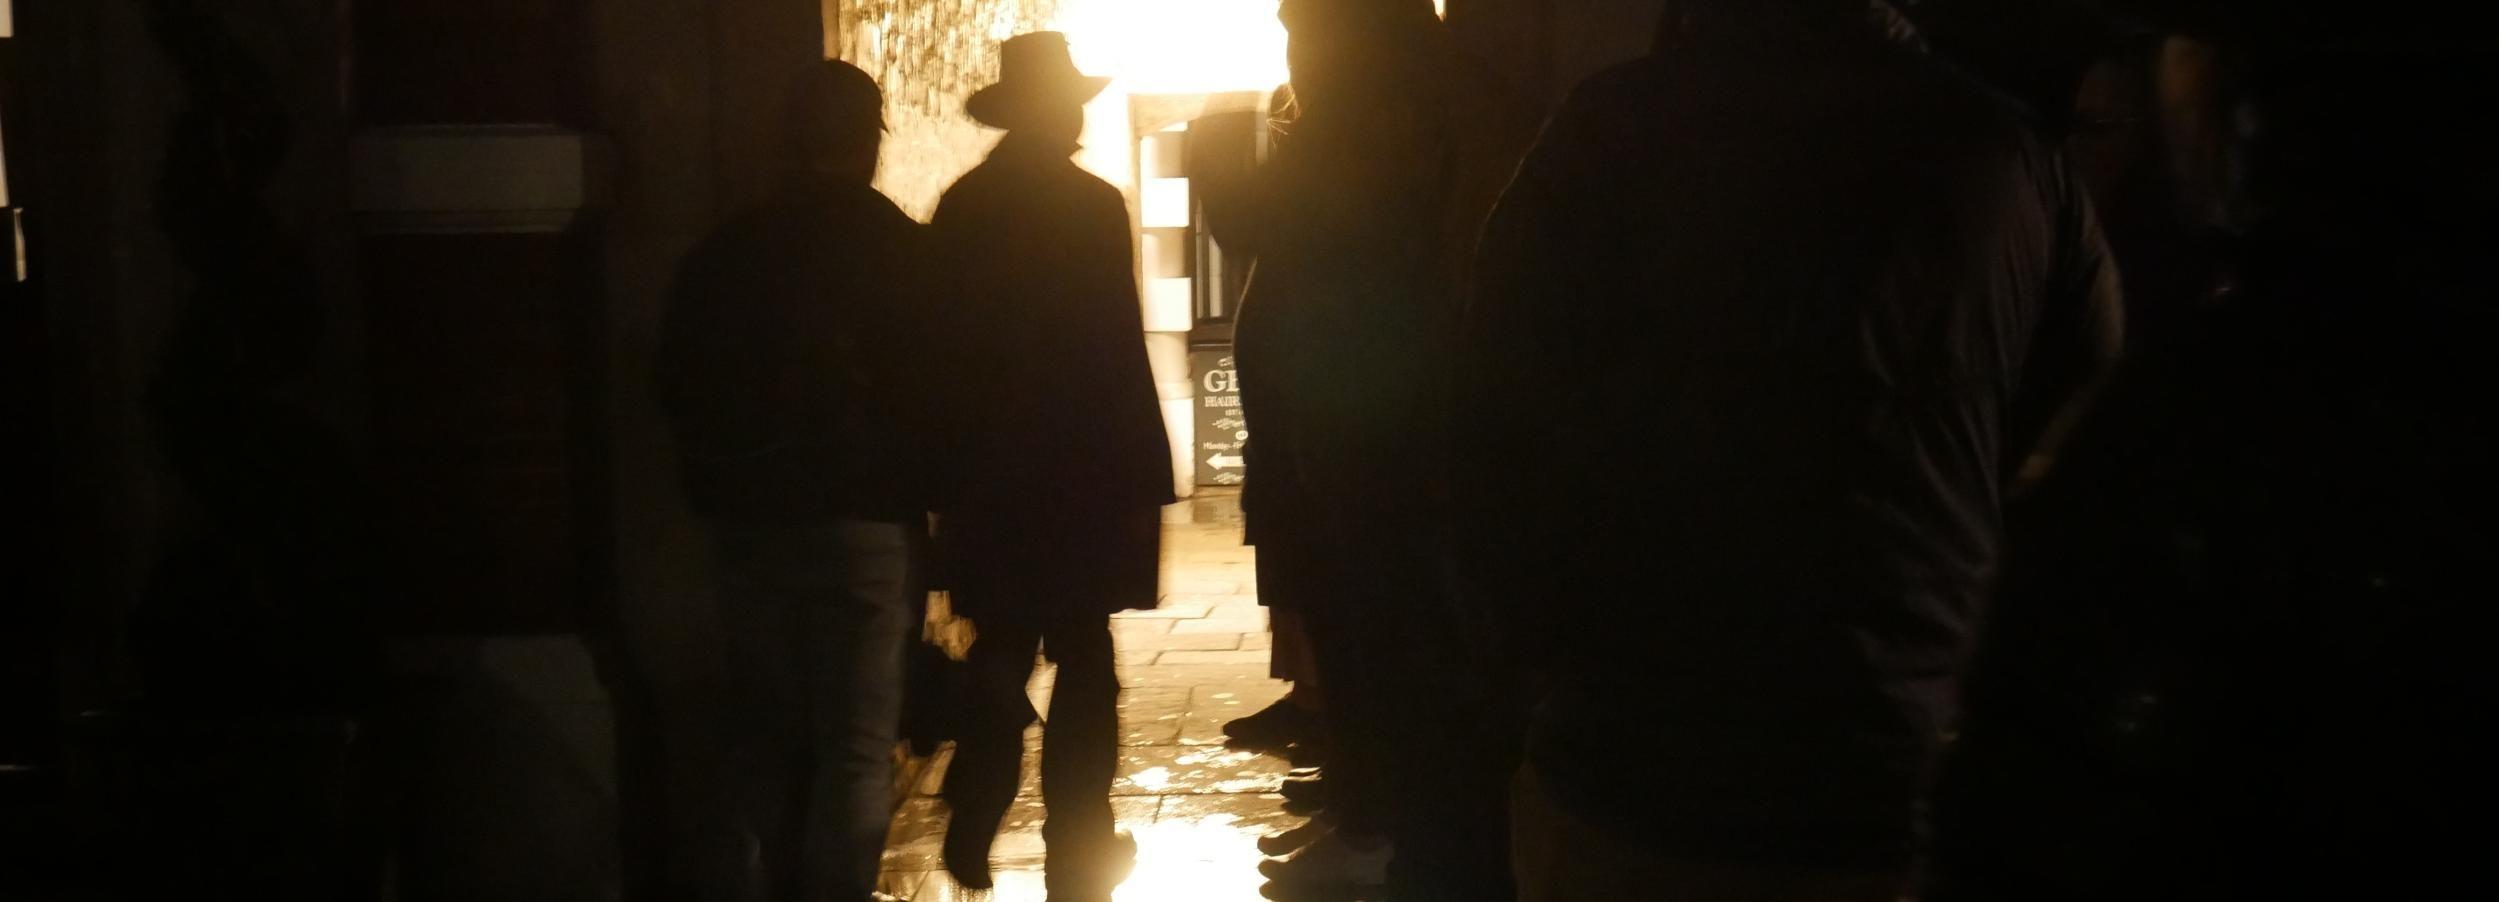 Londres: visite à pied de 2h autour des fantômes